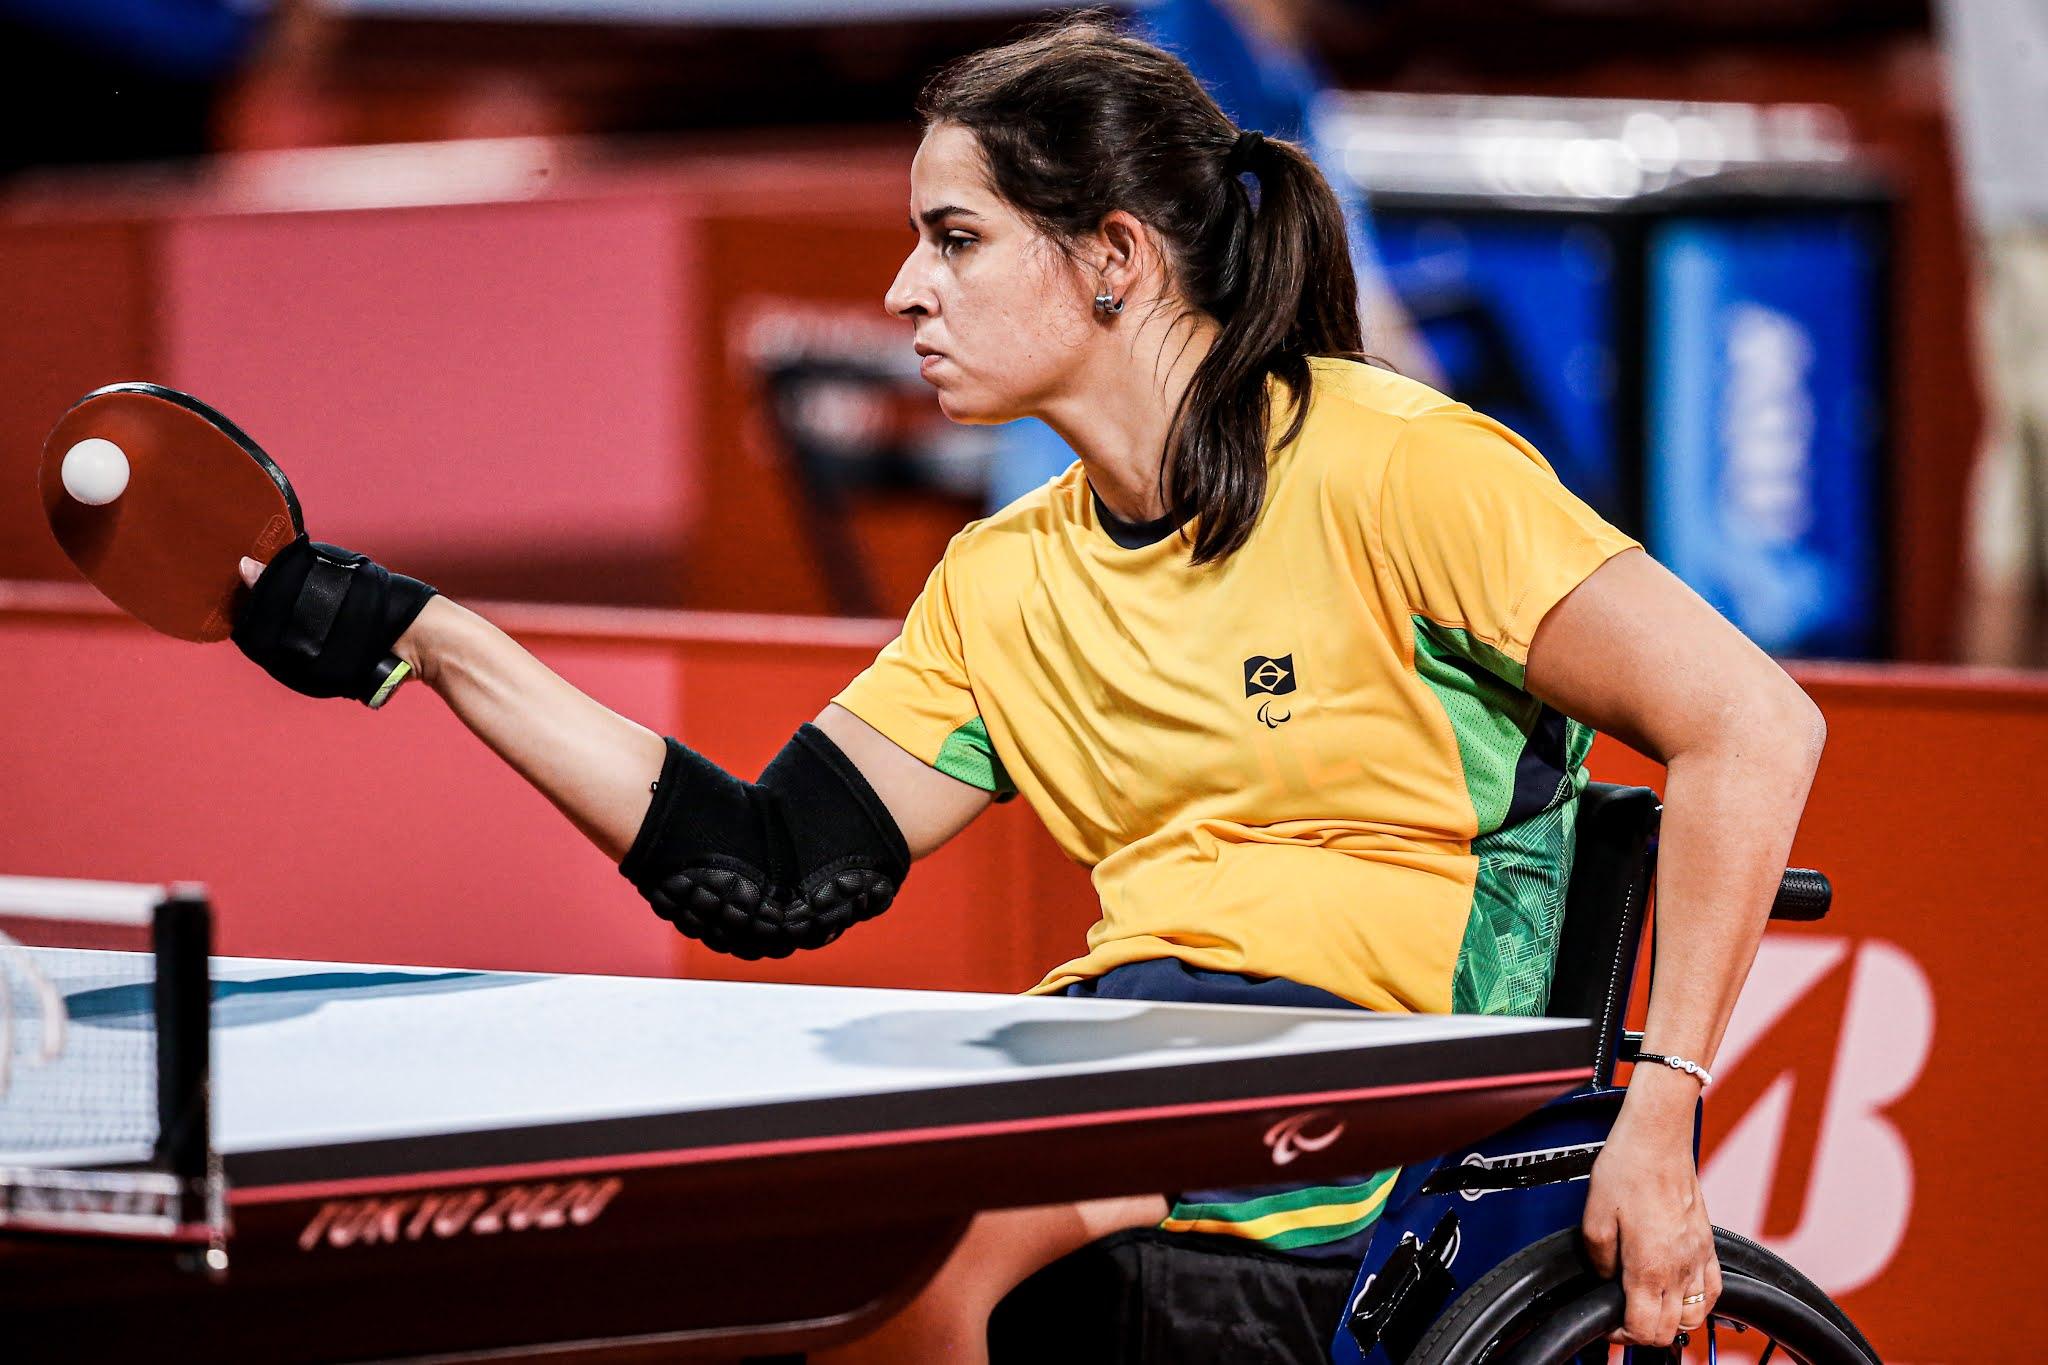 A mesa tenista Cátia Oliveira, de amarelo, rebate a bola branca com a raquete vermelha na mão direita, enquanto a outra mão está segurando a roda da cadeira de rodas, na qual a atleta está sentada